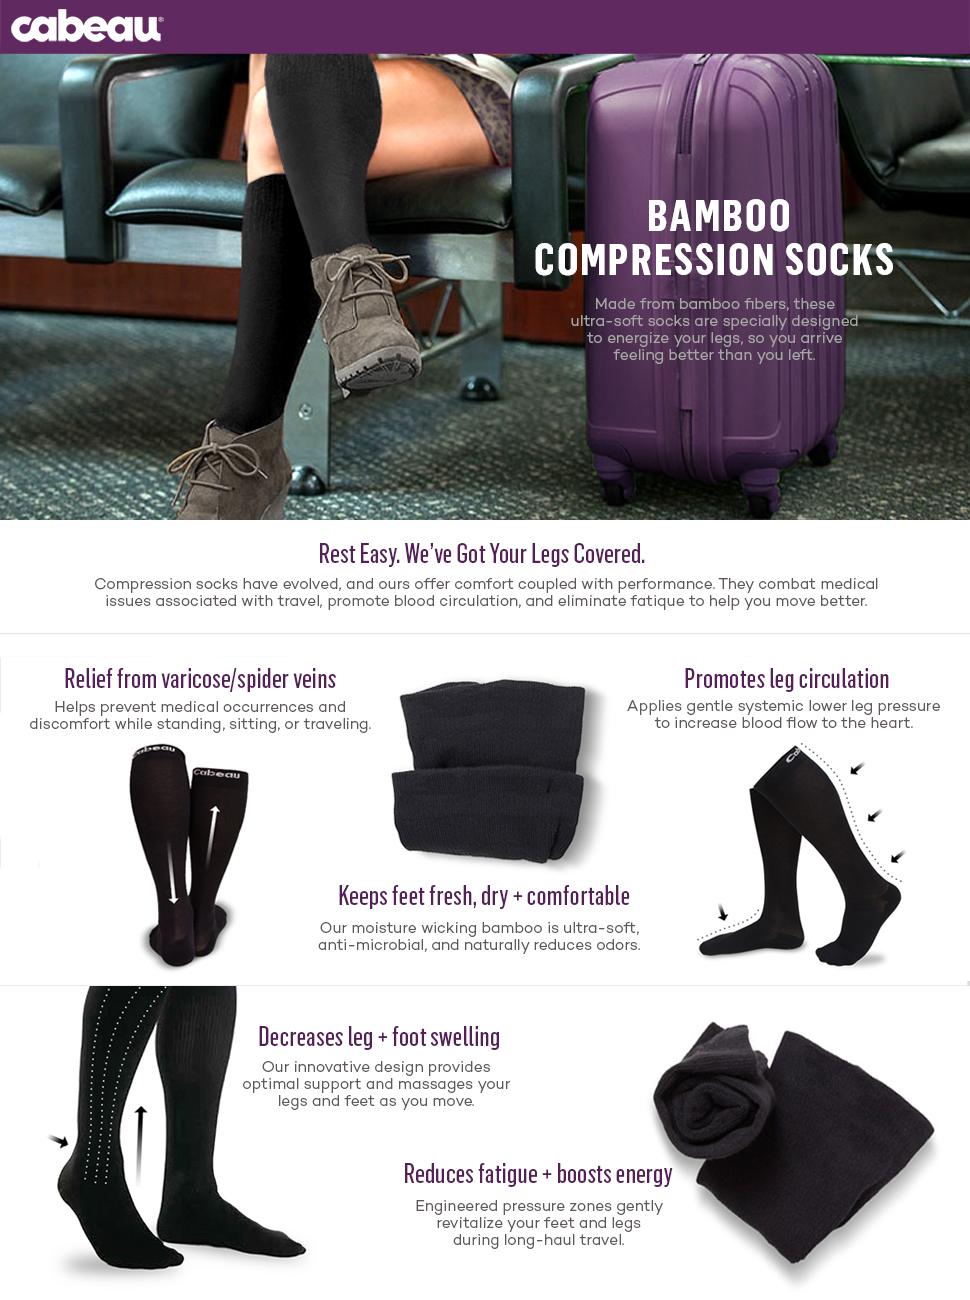 Amazon.com  Cabeau Bamboo Compression Socks - Reduce Swelling ... 184d3e6a2